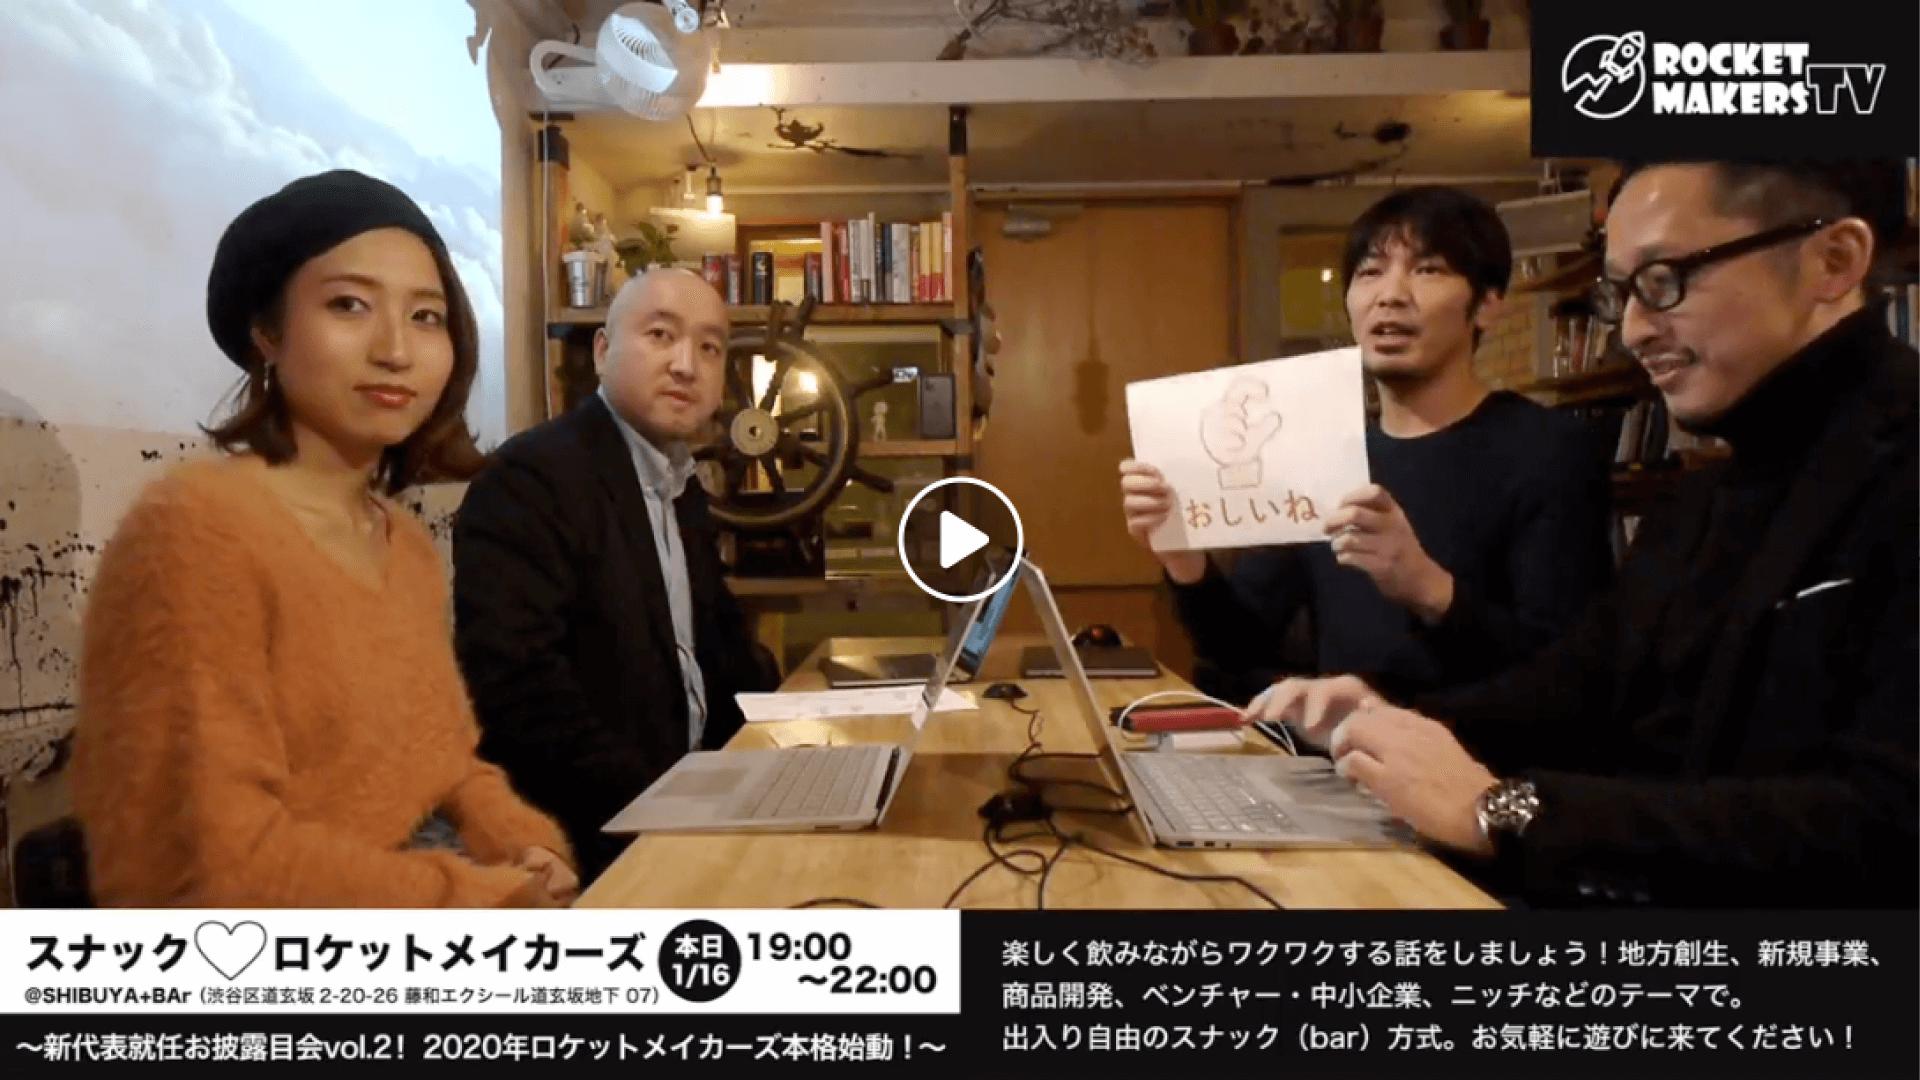 【第2回】新代表お披露目の会vol.2! 2020年ロケットメイカーズ本格始動!!